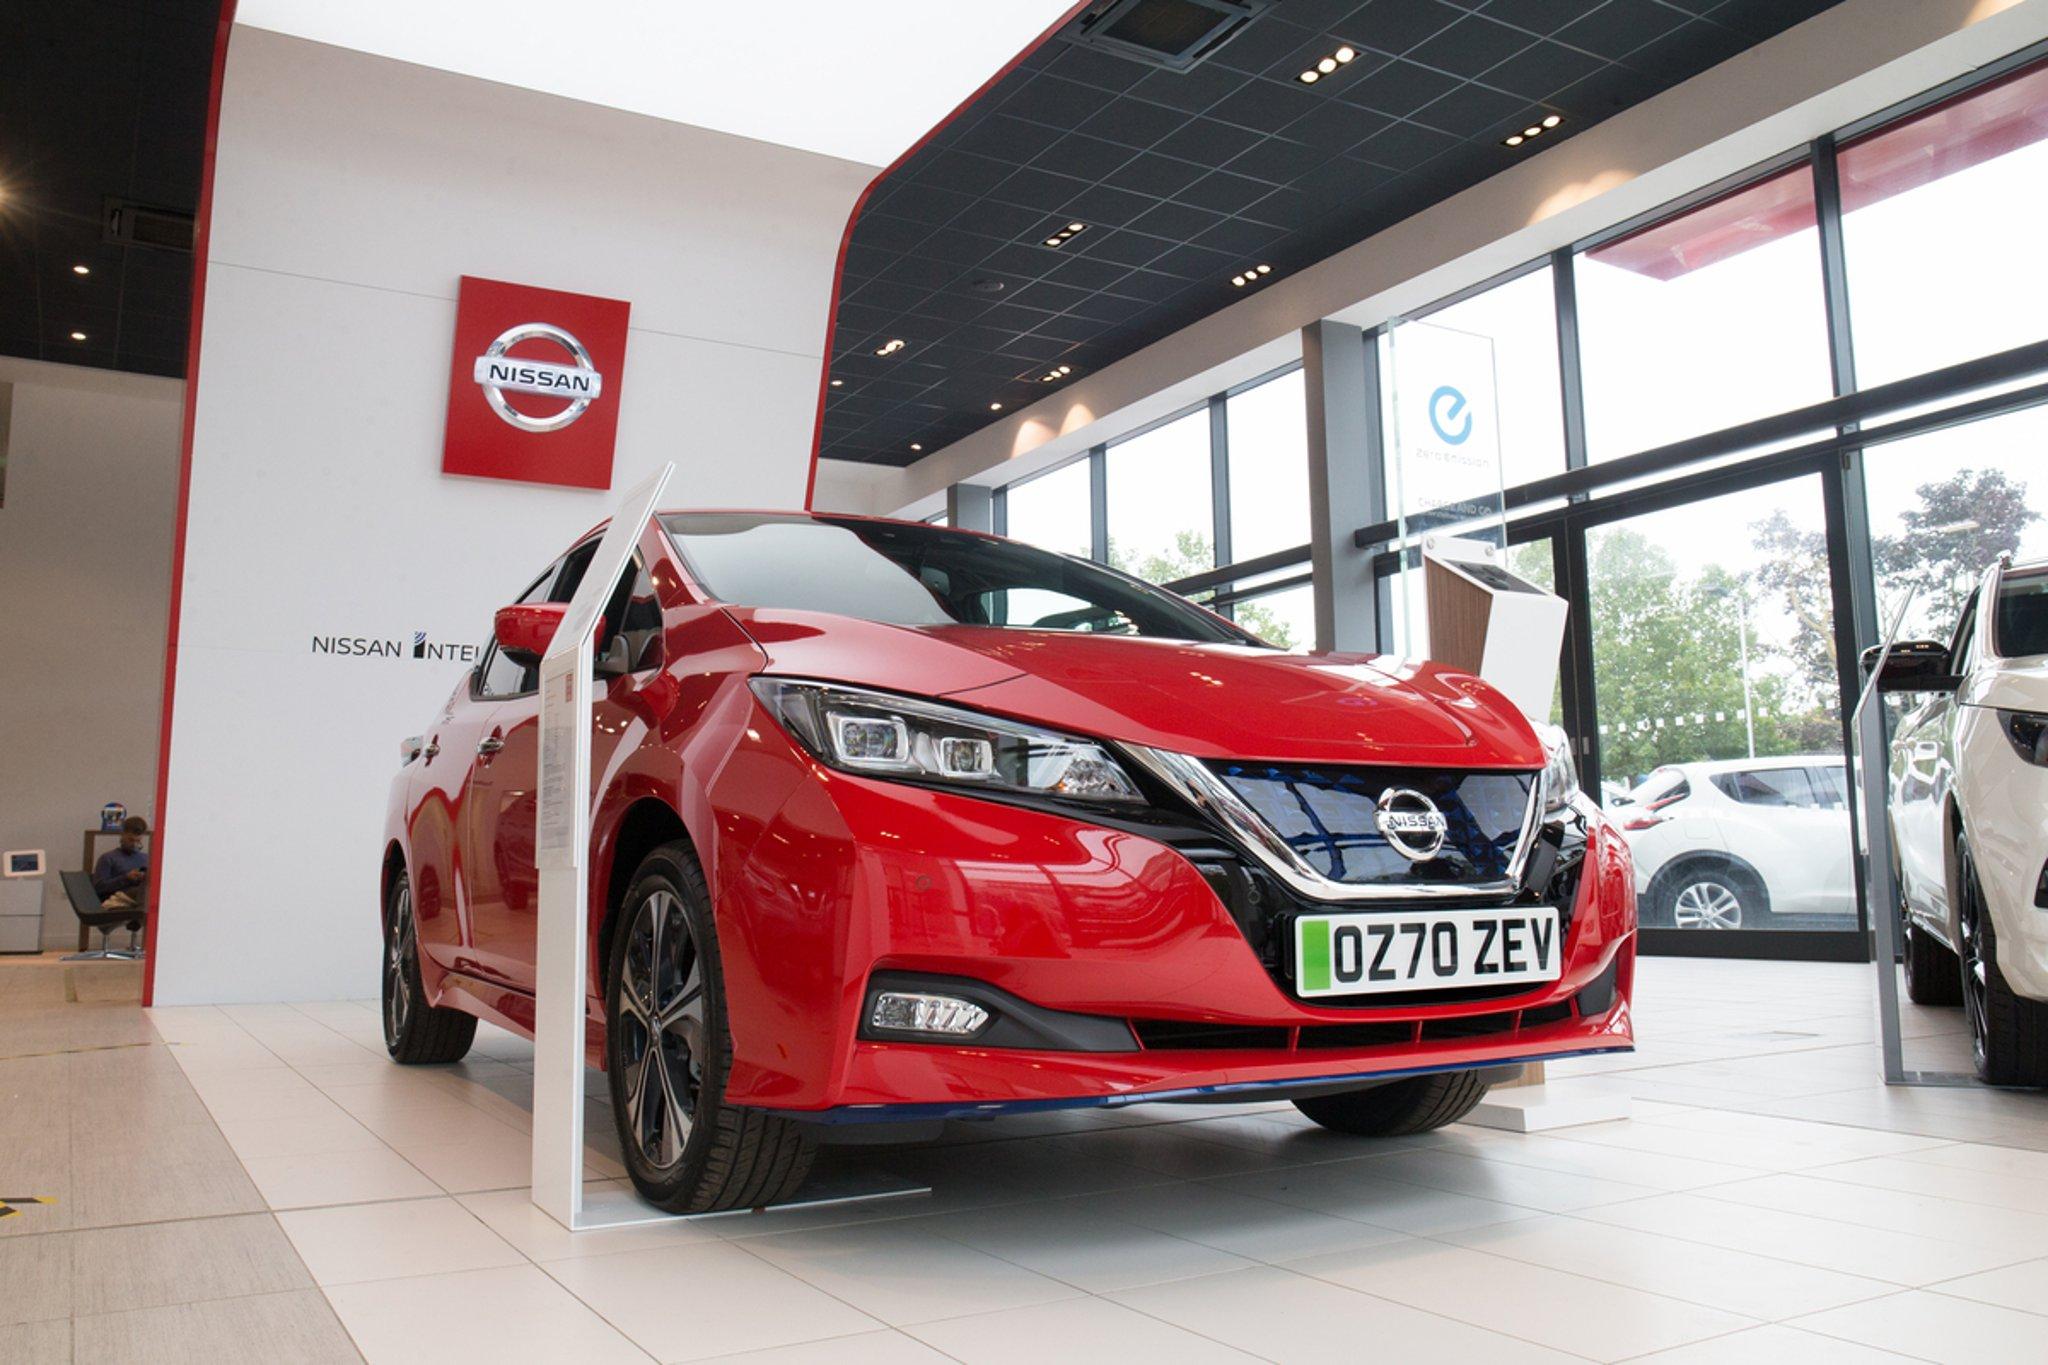 Kuota mobil listrik dan £620 juta untuk pengisi daya di bawah strategi Net Zero Pemerintah